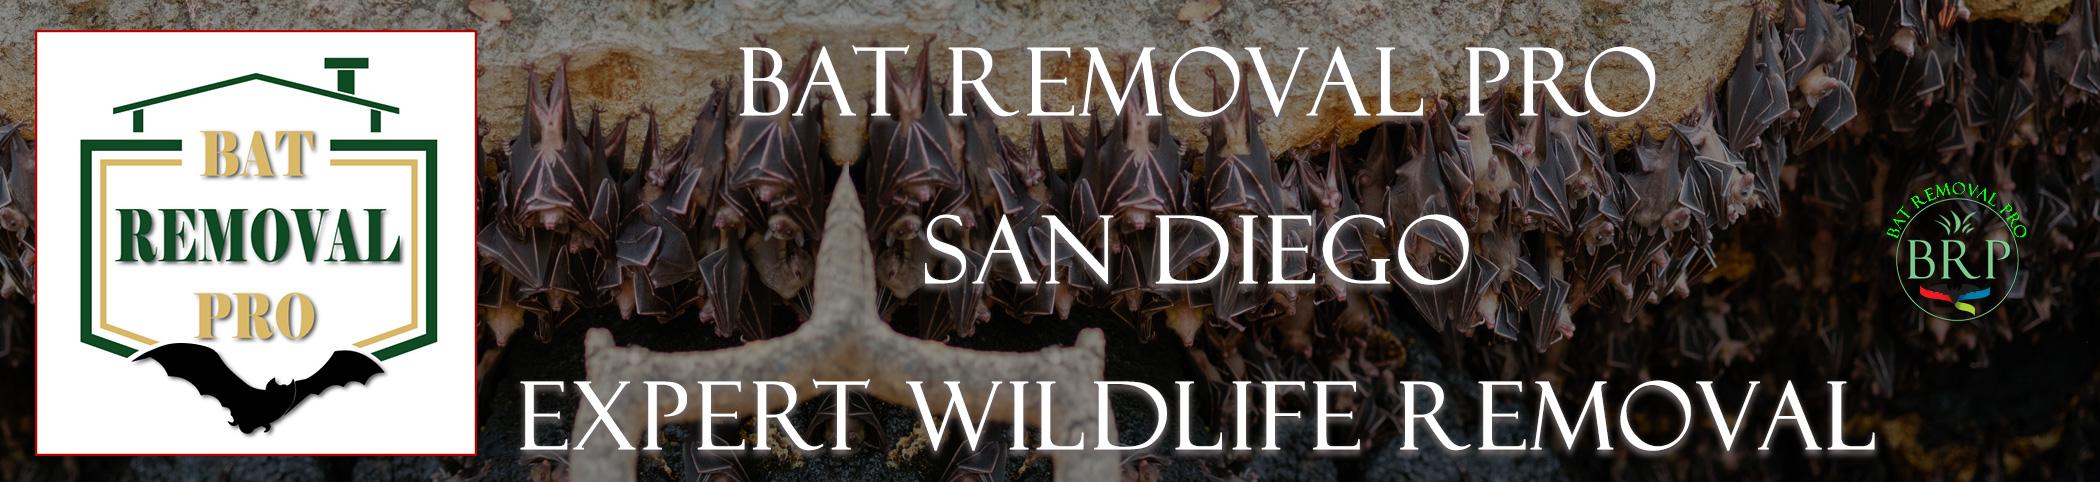 san diego california bat removal at bat removal pro